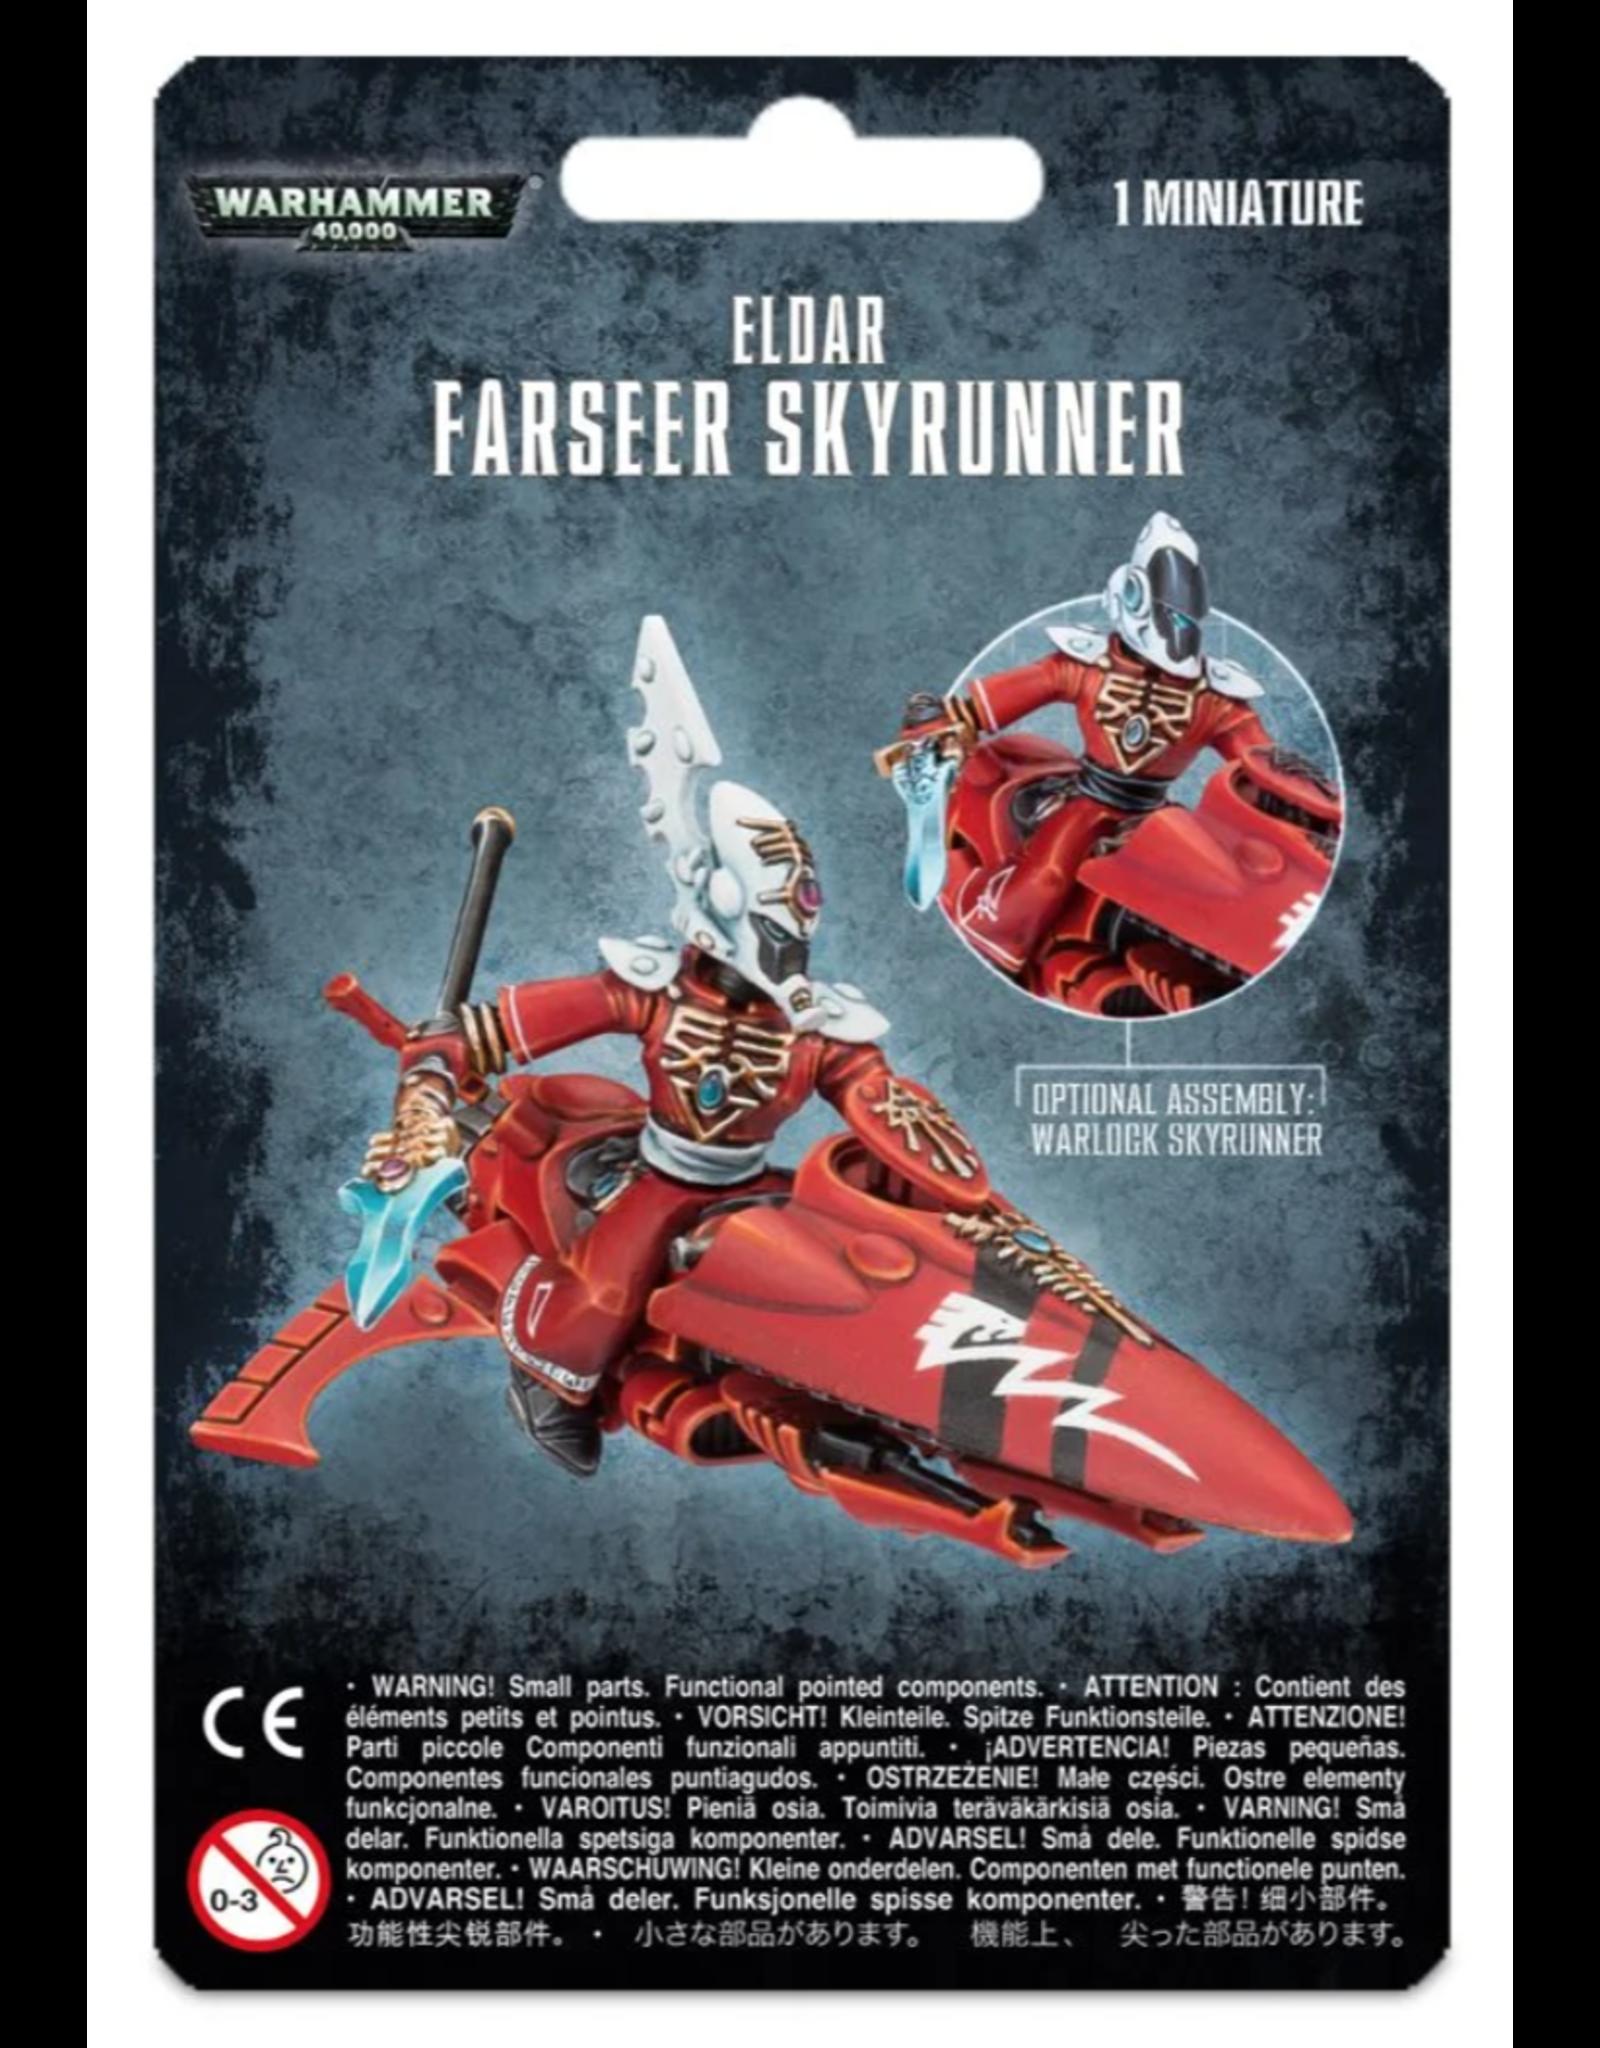 Warhammer 40K Craftworlds Farseer Skyrunner